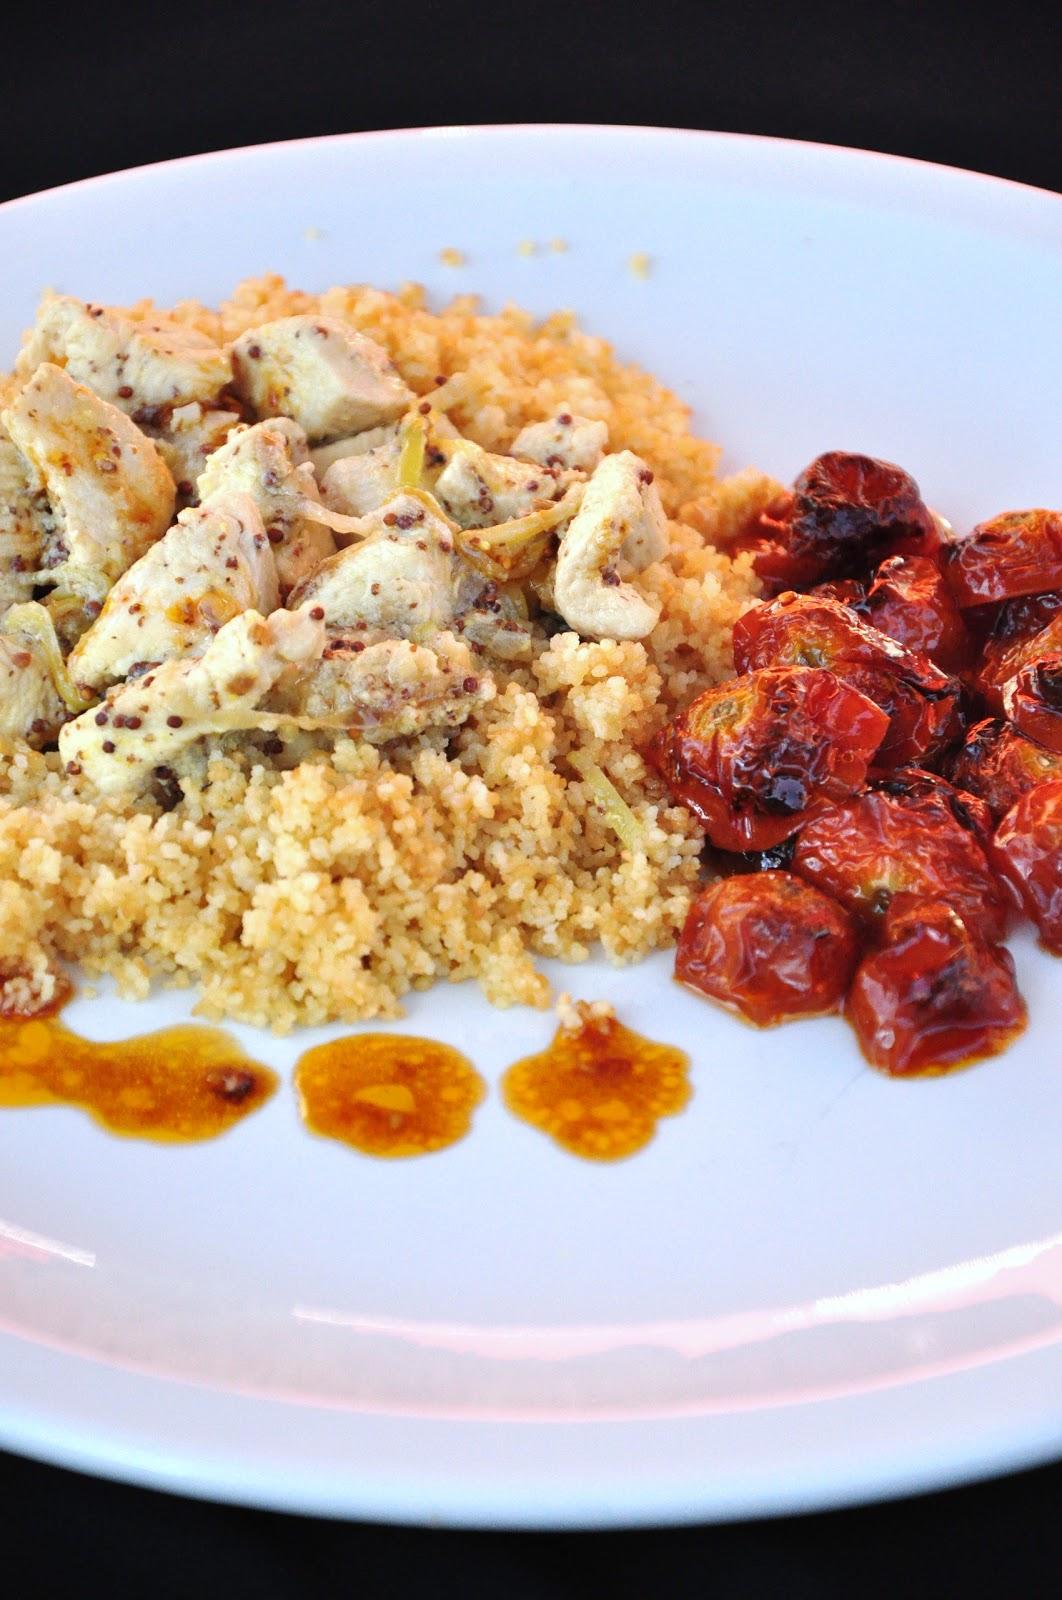 Cous cous con pollo alla senape essenza in cucina for Cucinare cous cous